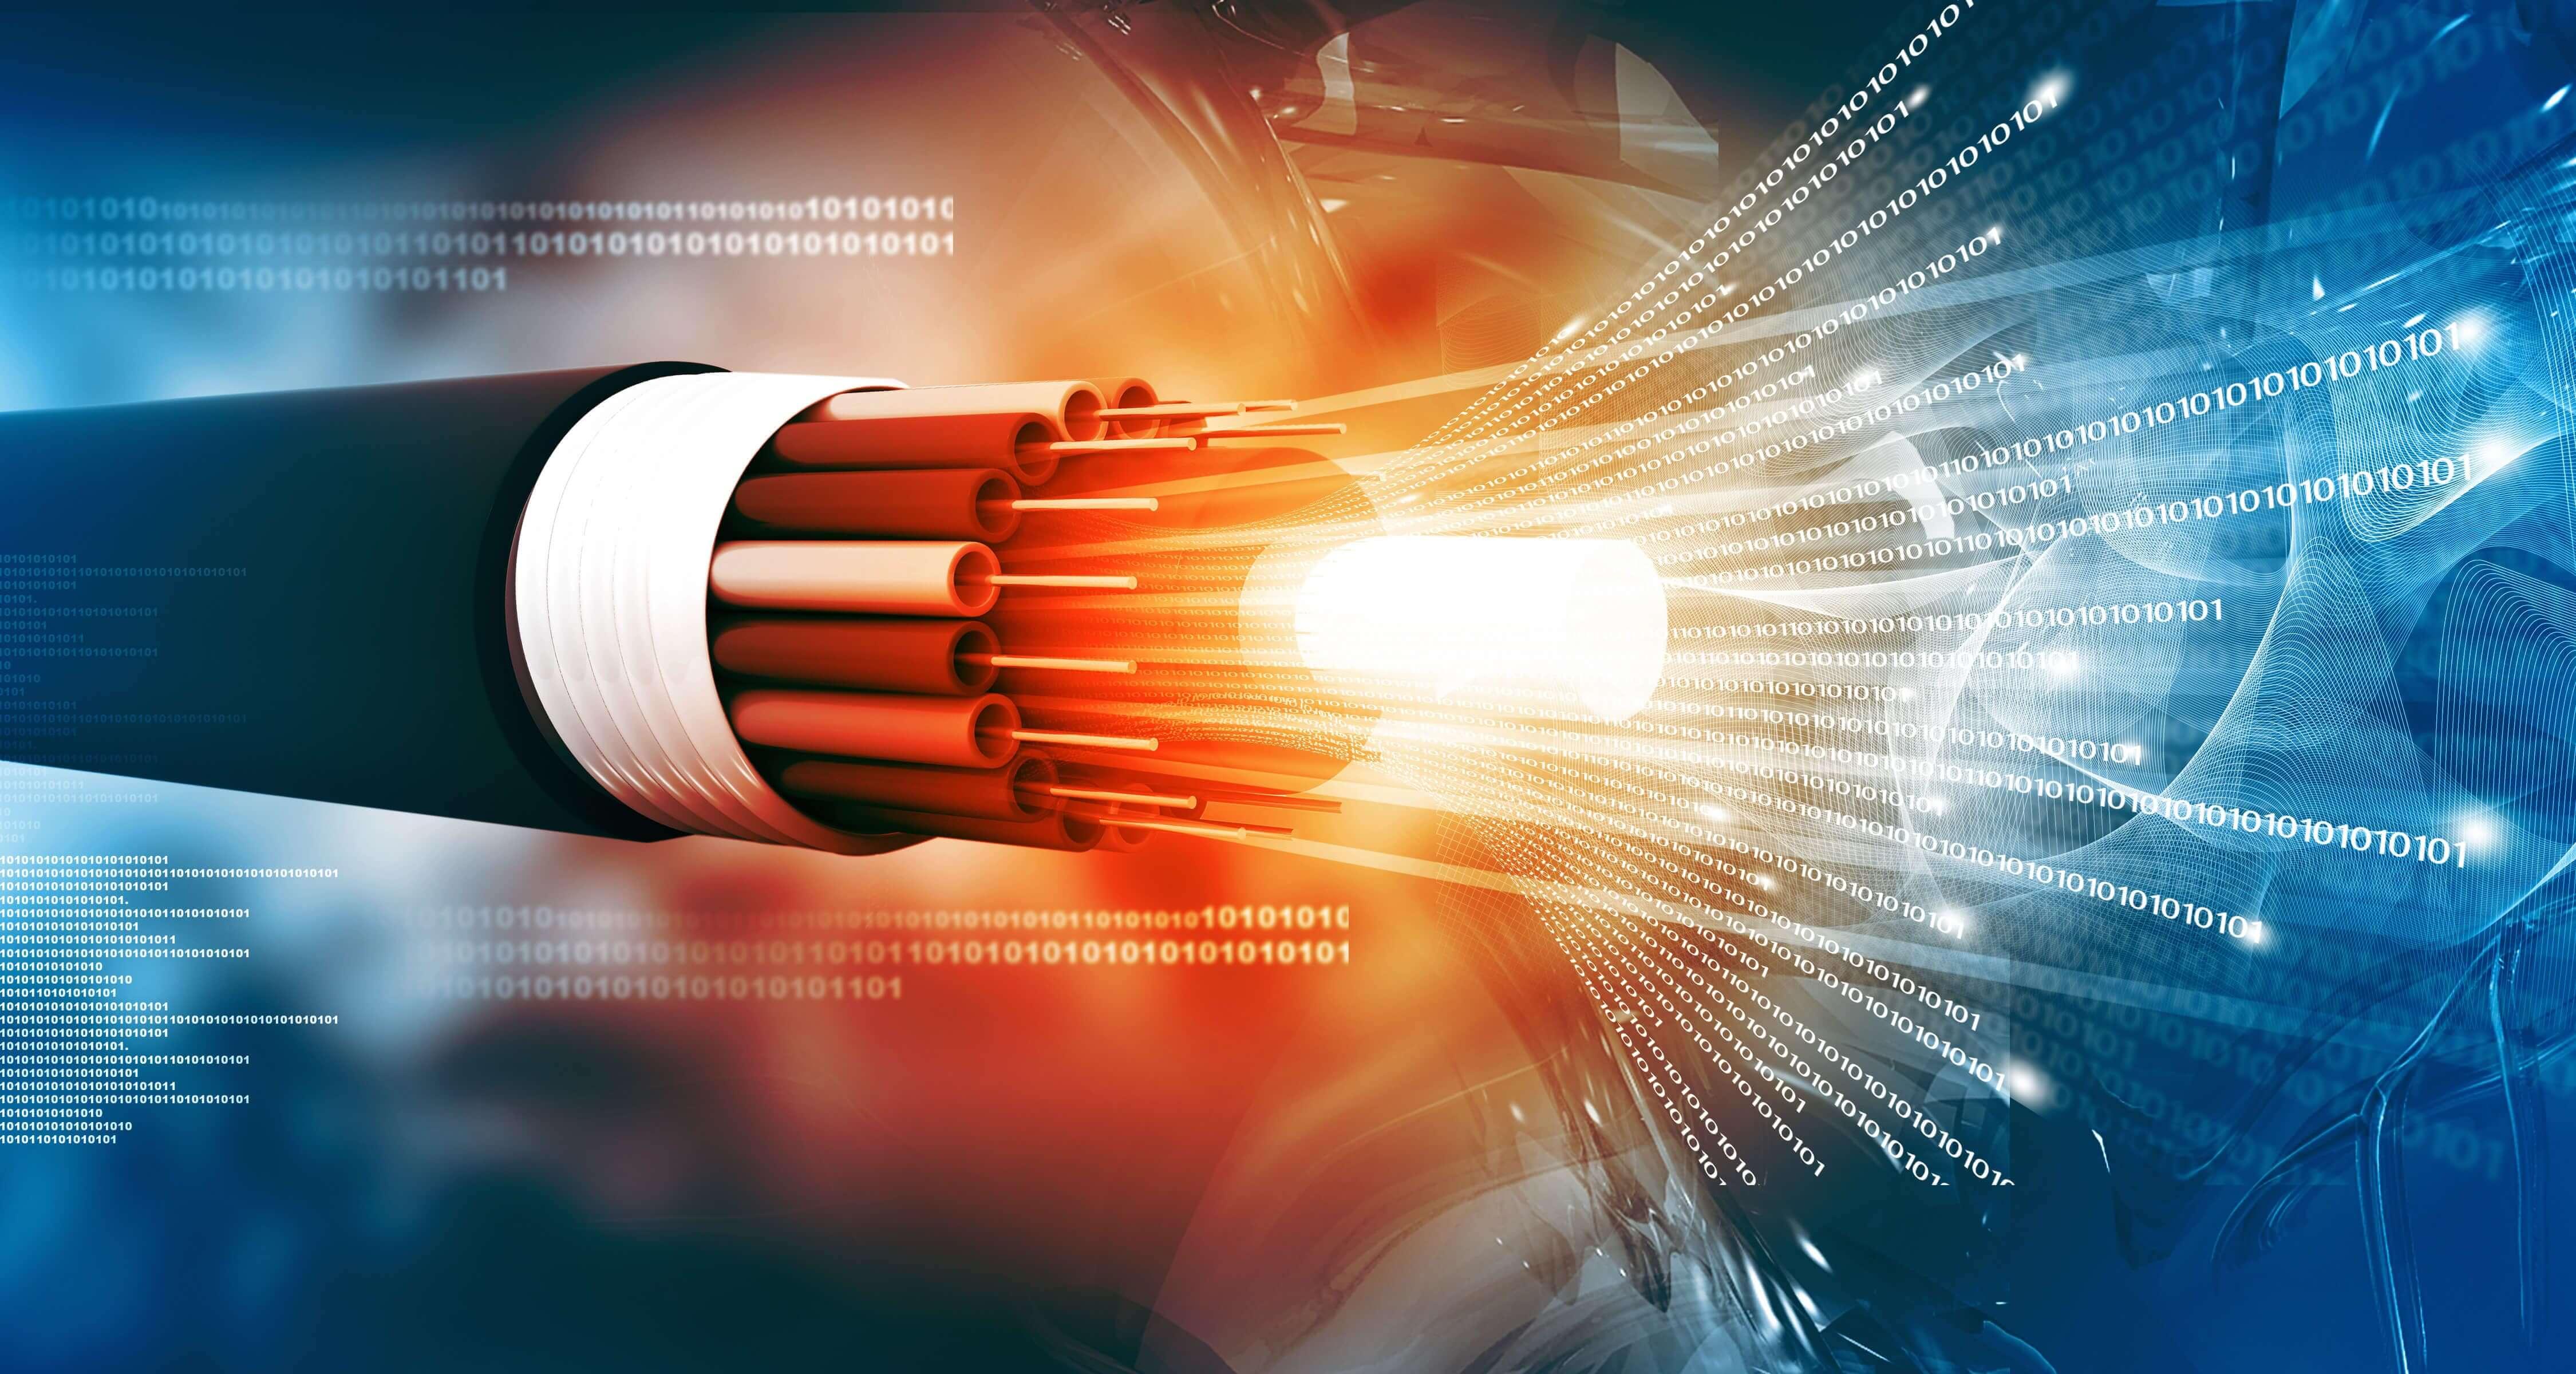 Le premier SD-WAN nouvelle génération par Palo Alto Networks